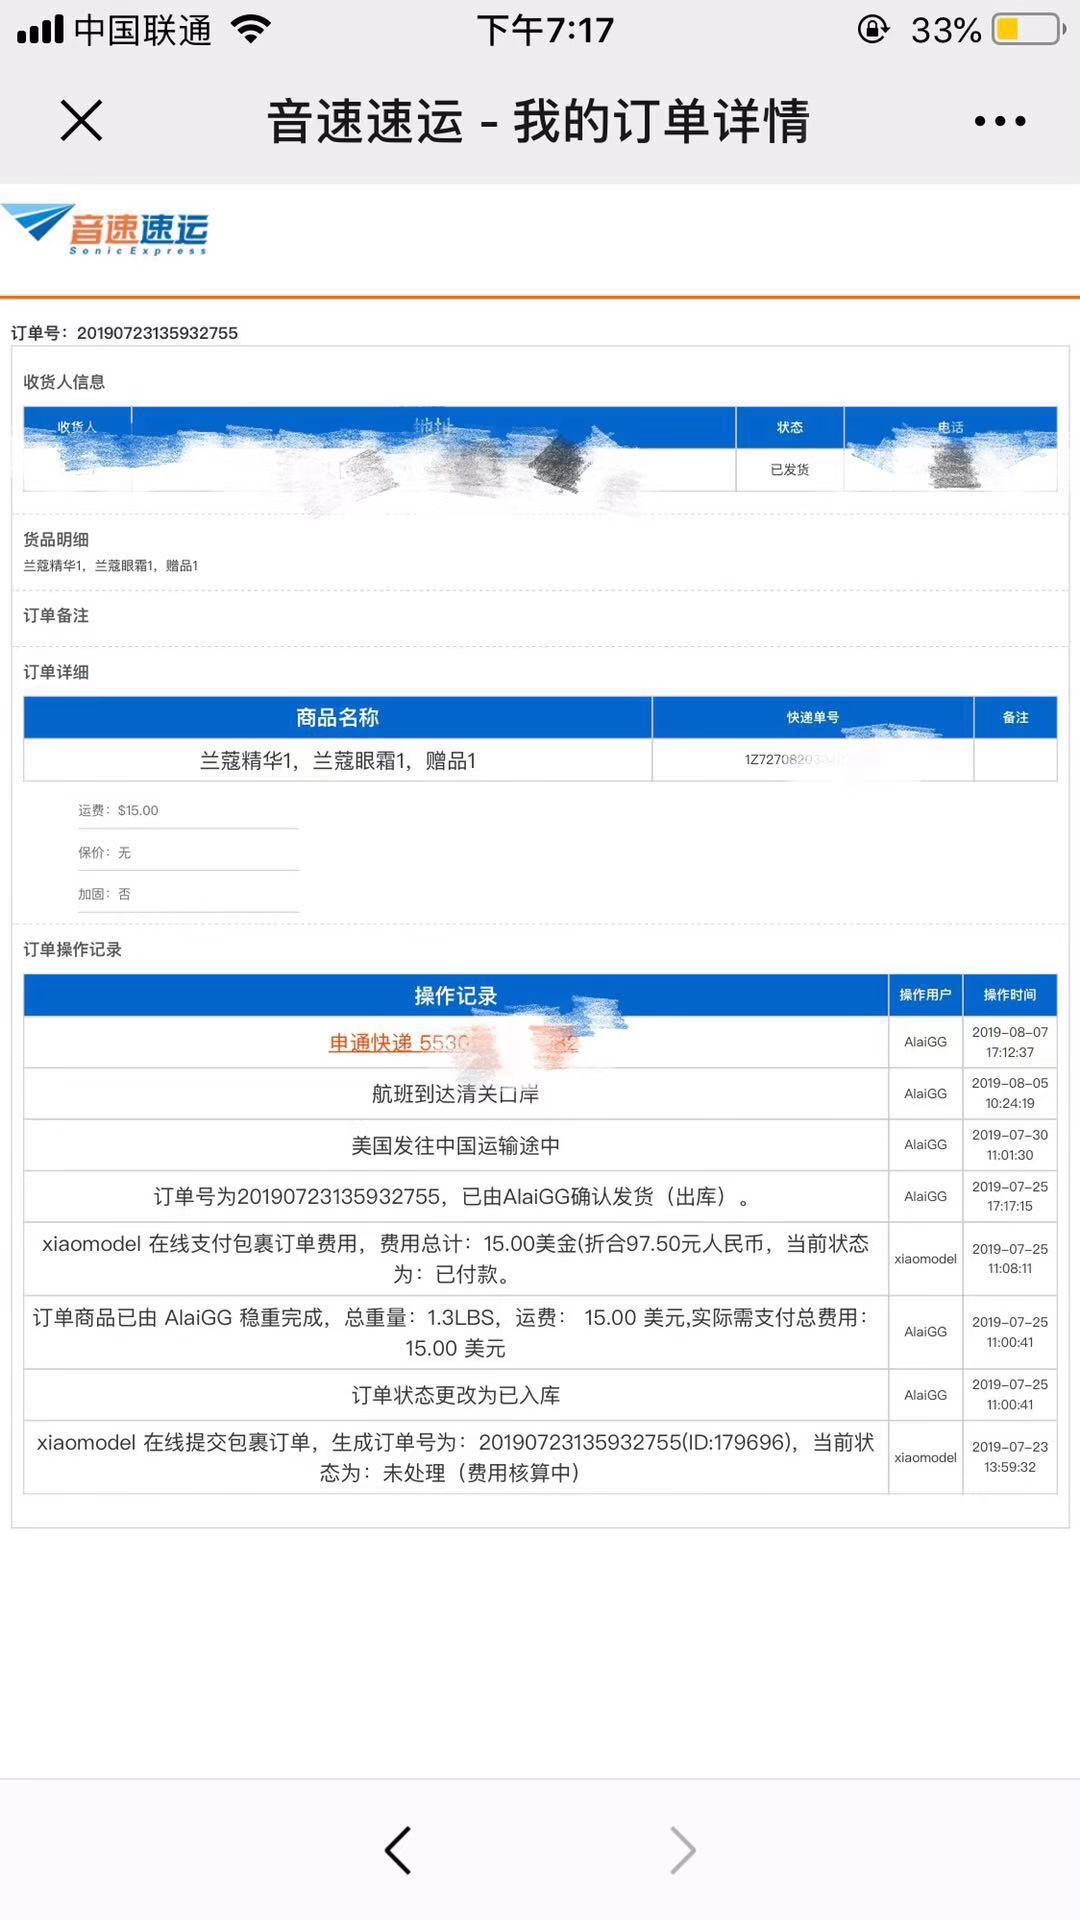 音速速运美中线z2渠道+订单号20190723135932755+用户名xiaomodel